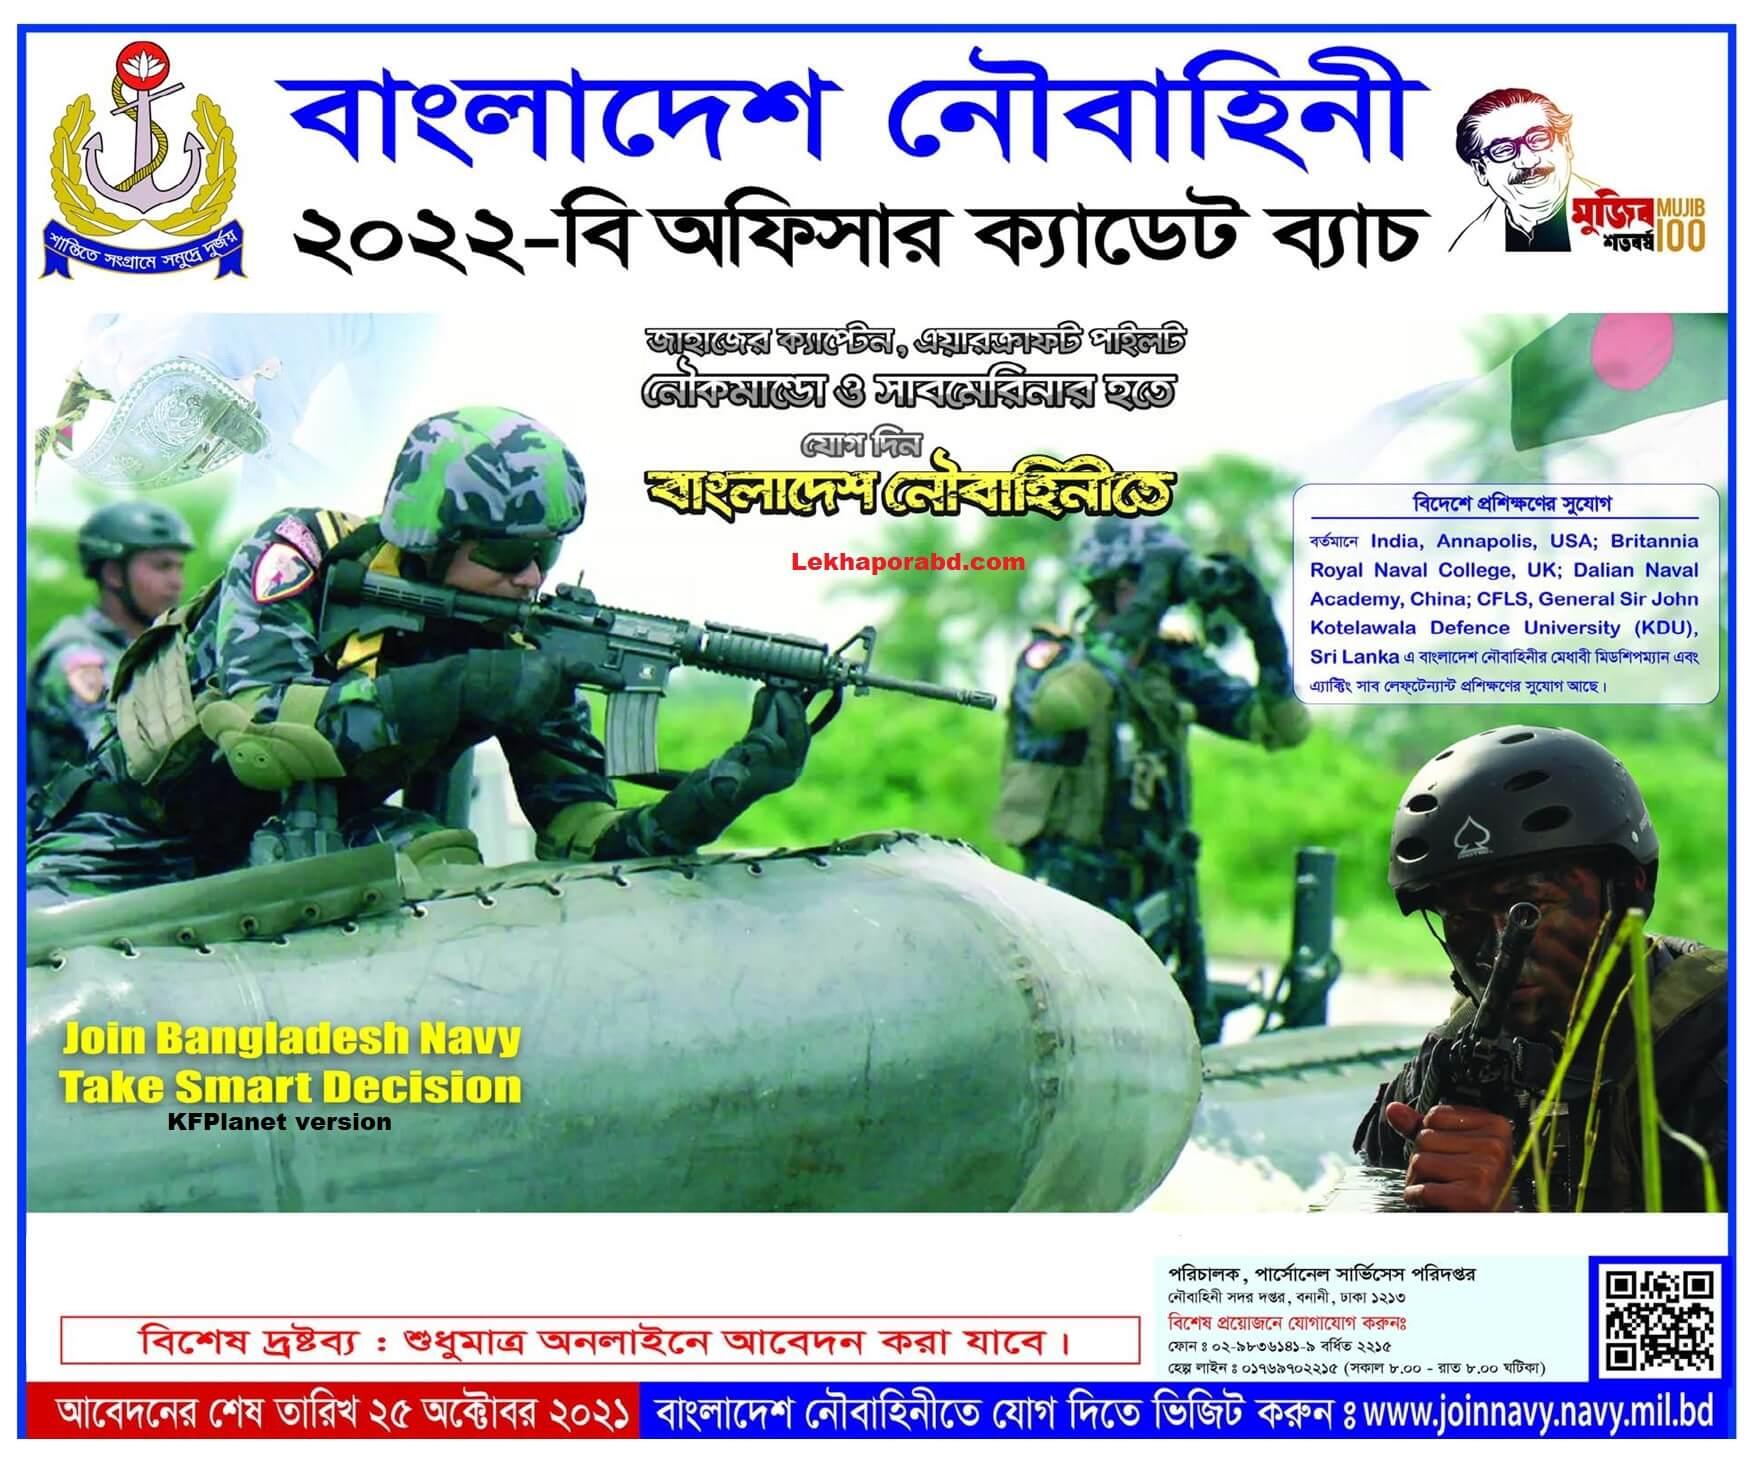 Bangladesh Navy Job Circular image 2021 Apply